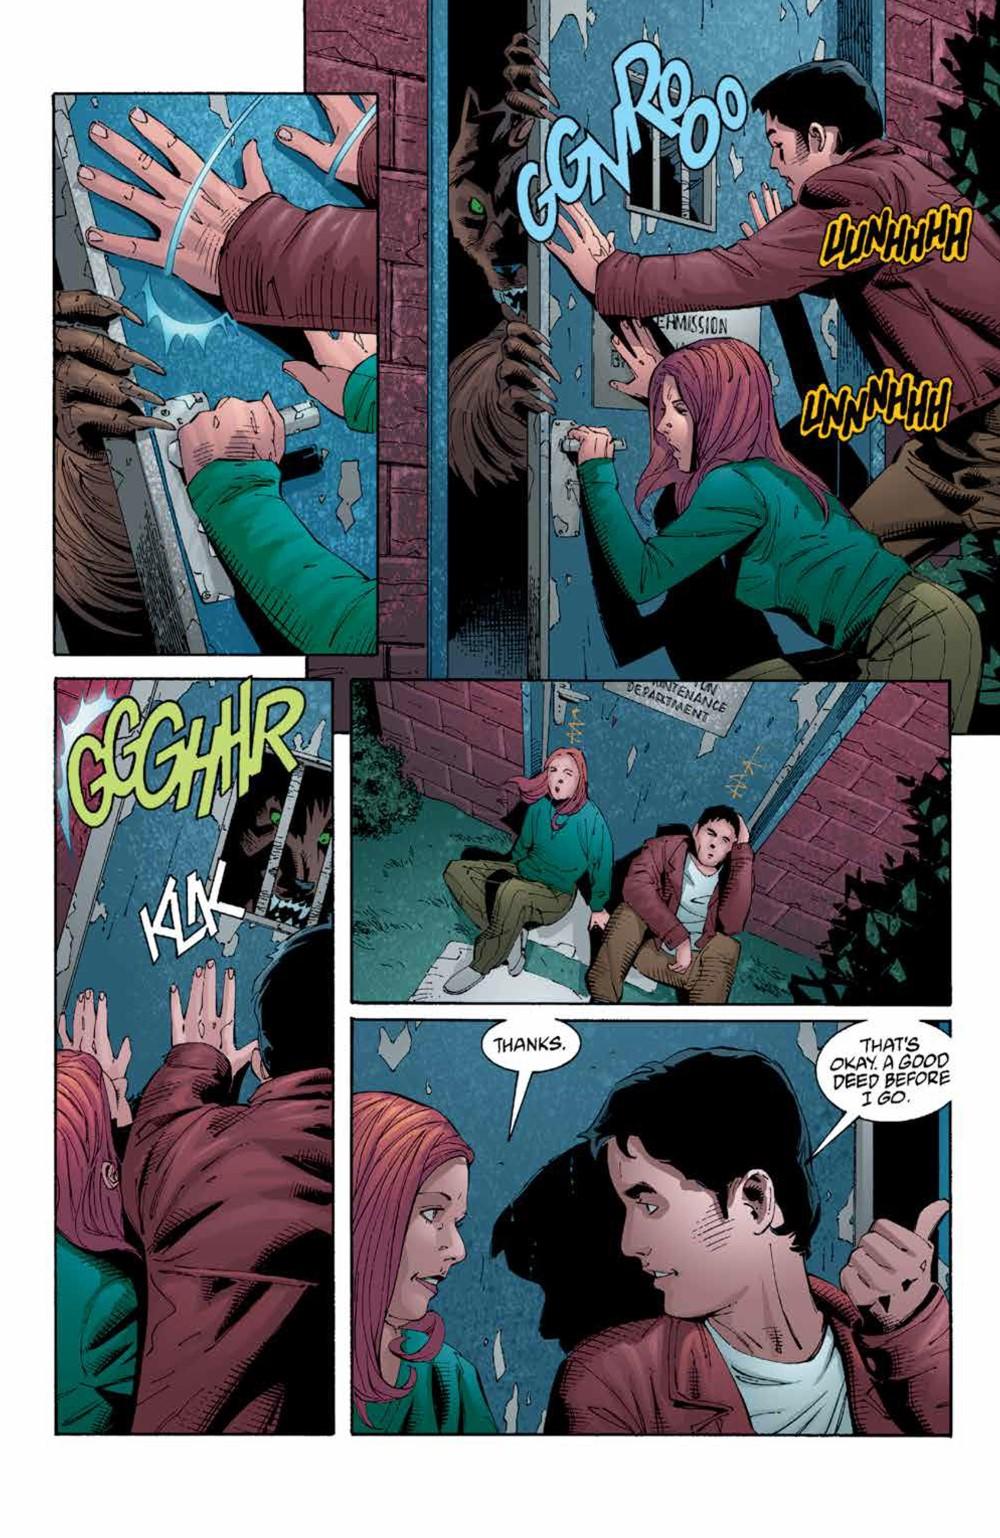 Buffy_Legacy_v5_SC_PRESS_16 ComicList Previews: BUFFY VAMPIRE SLAYER LEGACY EDITION VOLUME 5 TP